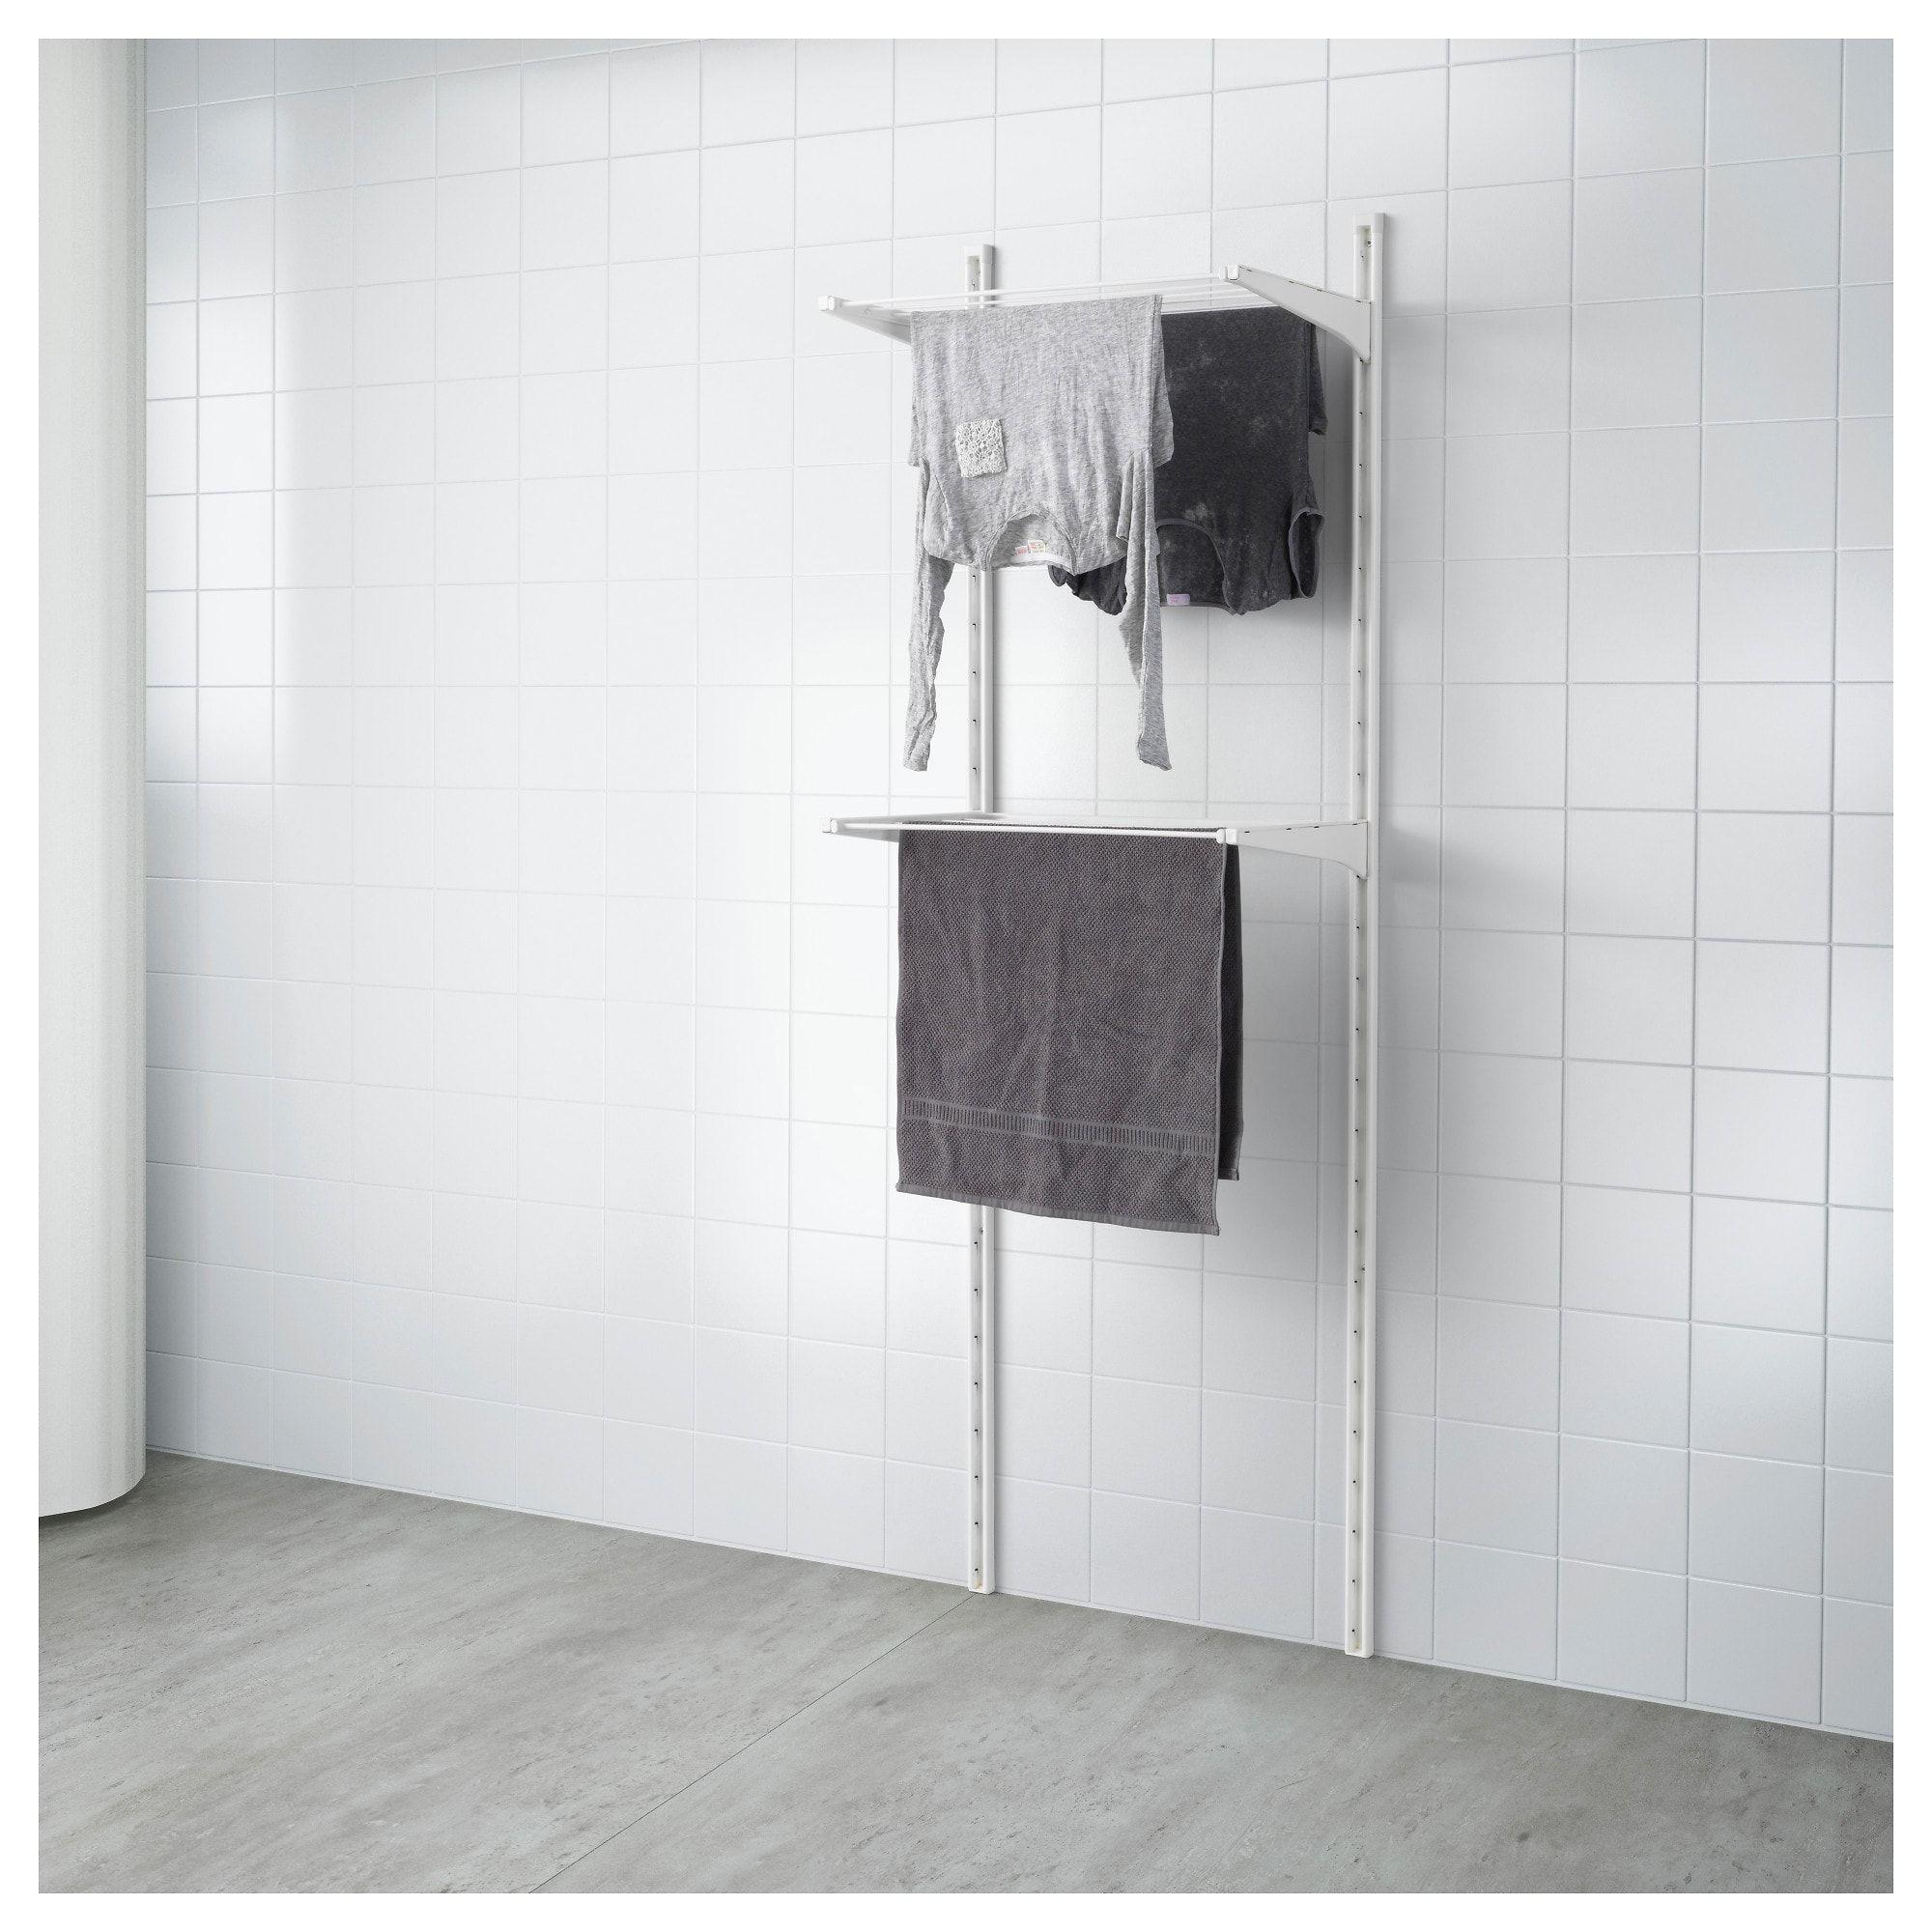 Ikea Algot White Wall Upright Drying Rack Ikea Algot Algot Ikea